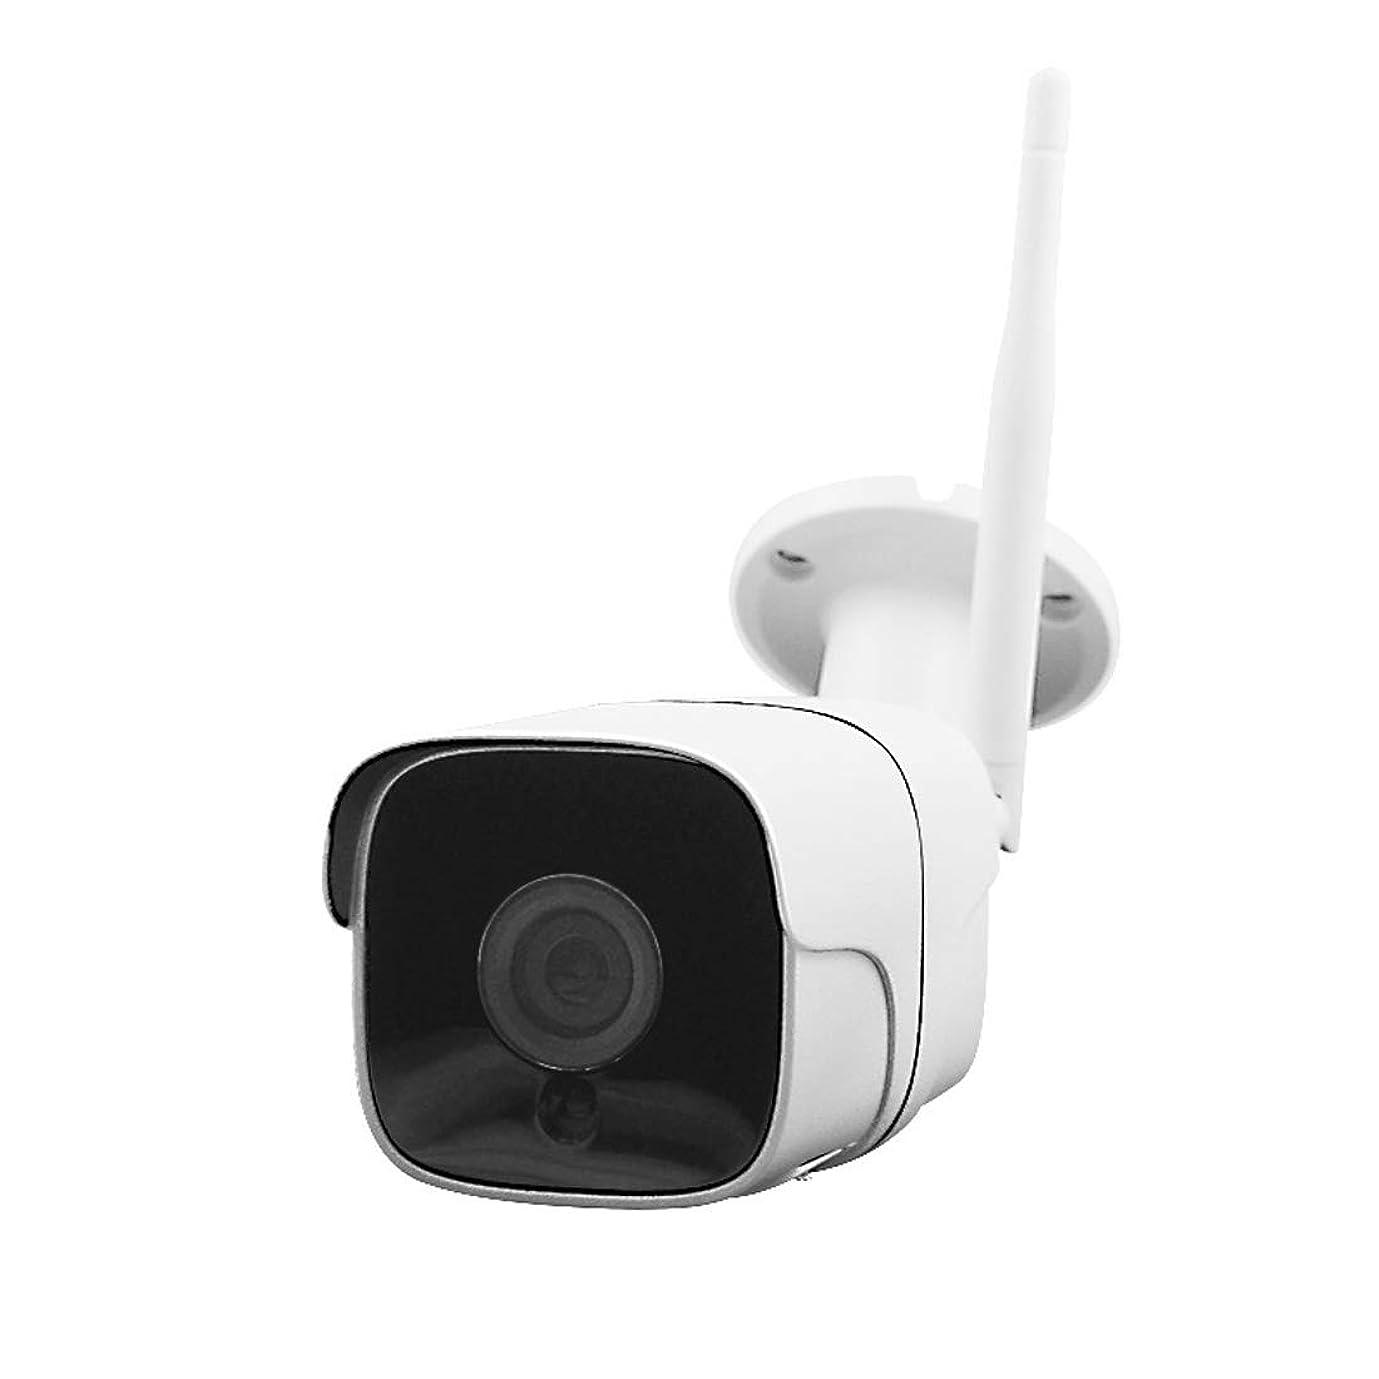 ジム毎日分泌する辽阳世纪电子产品贸易中心 HD 960p屋外WiFiセキュリティカメラIRナイトビジョン、耐候性監視CCTV弾丸カメラ